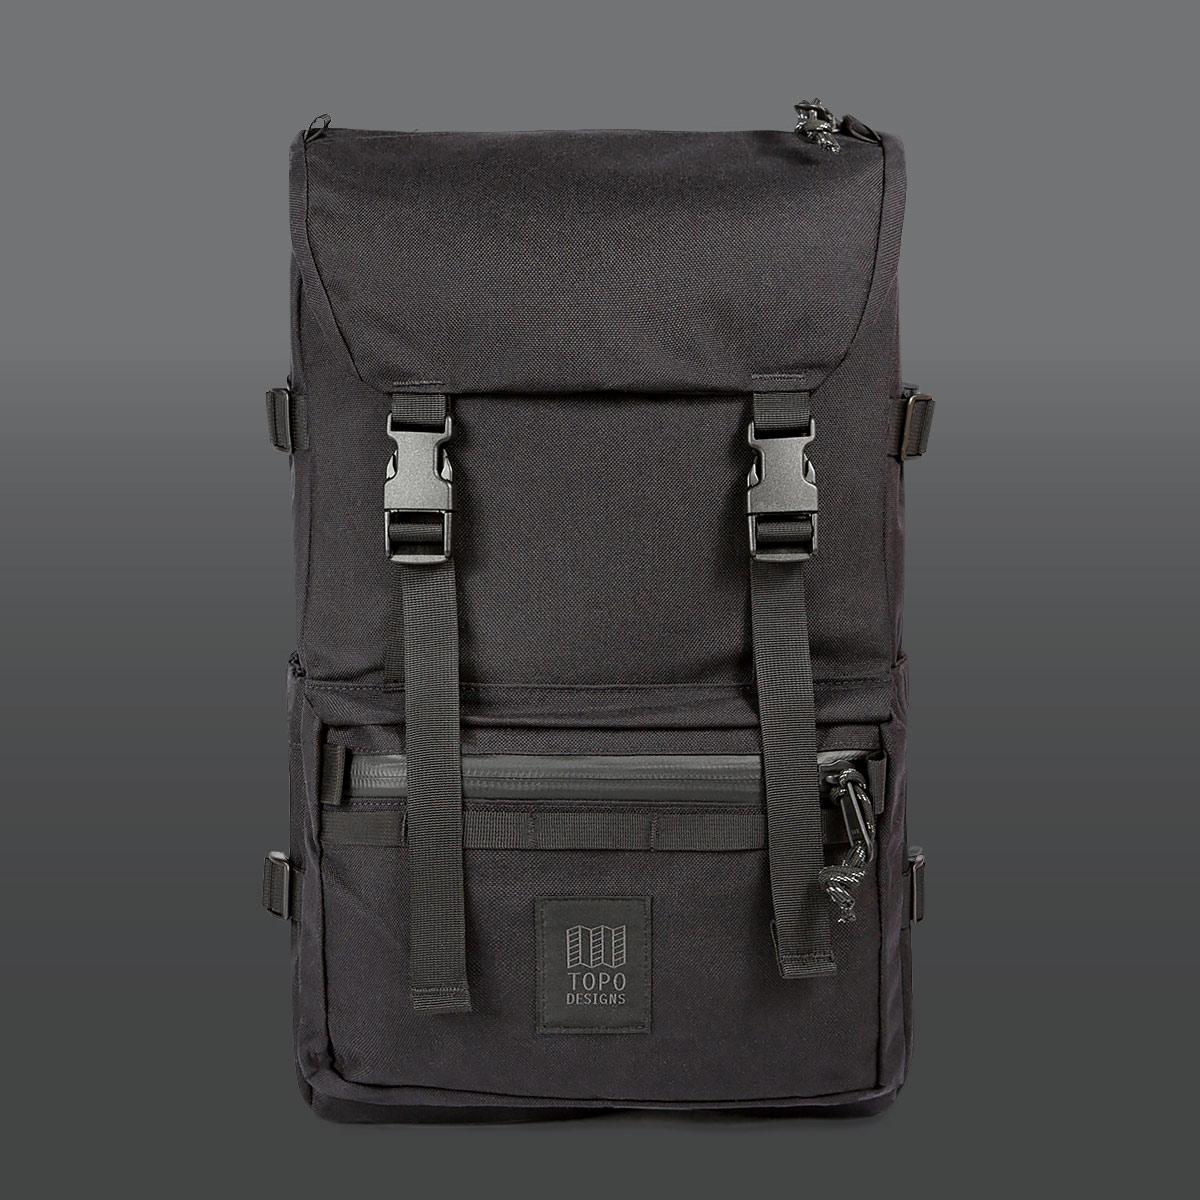 Topo Designs Rover Pack Tech Black, der ideale Rucksack für den täglichen Gebrauch